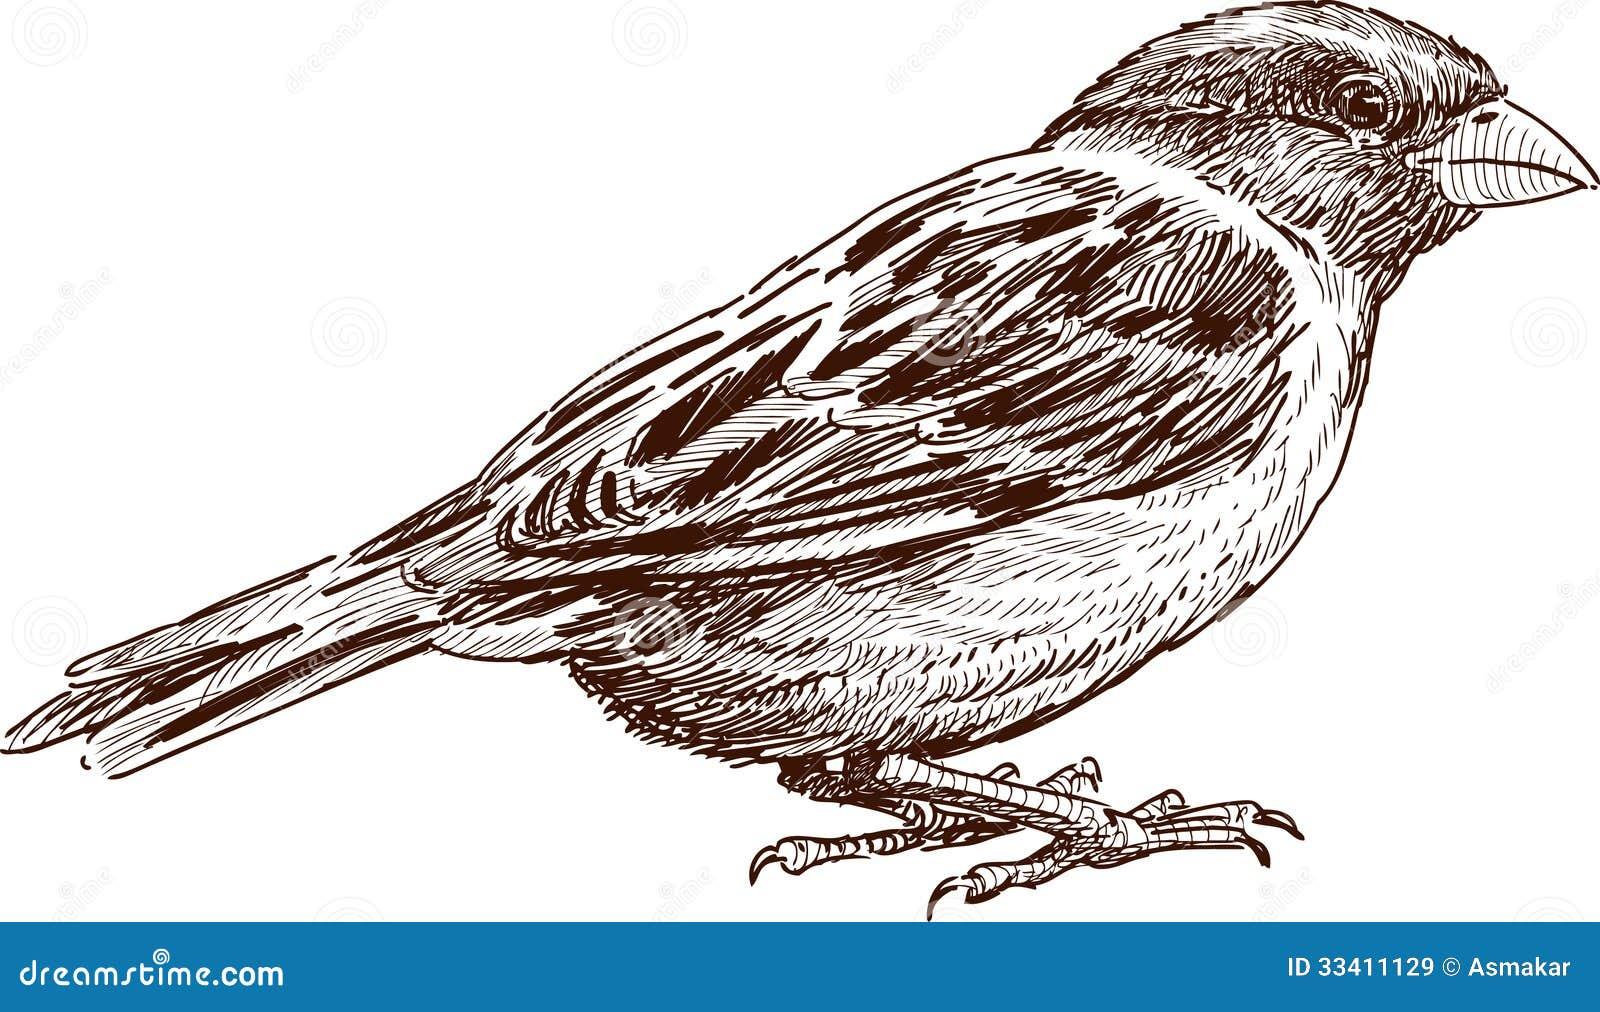 Pencil Sketch Drawing Of Birds  ClipartXtras